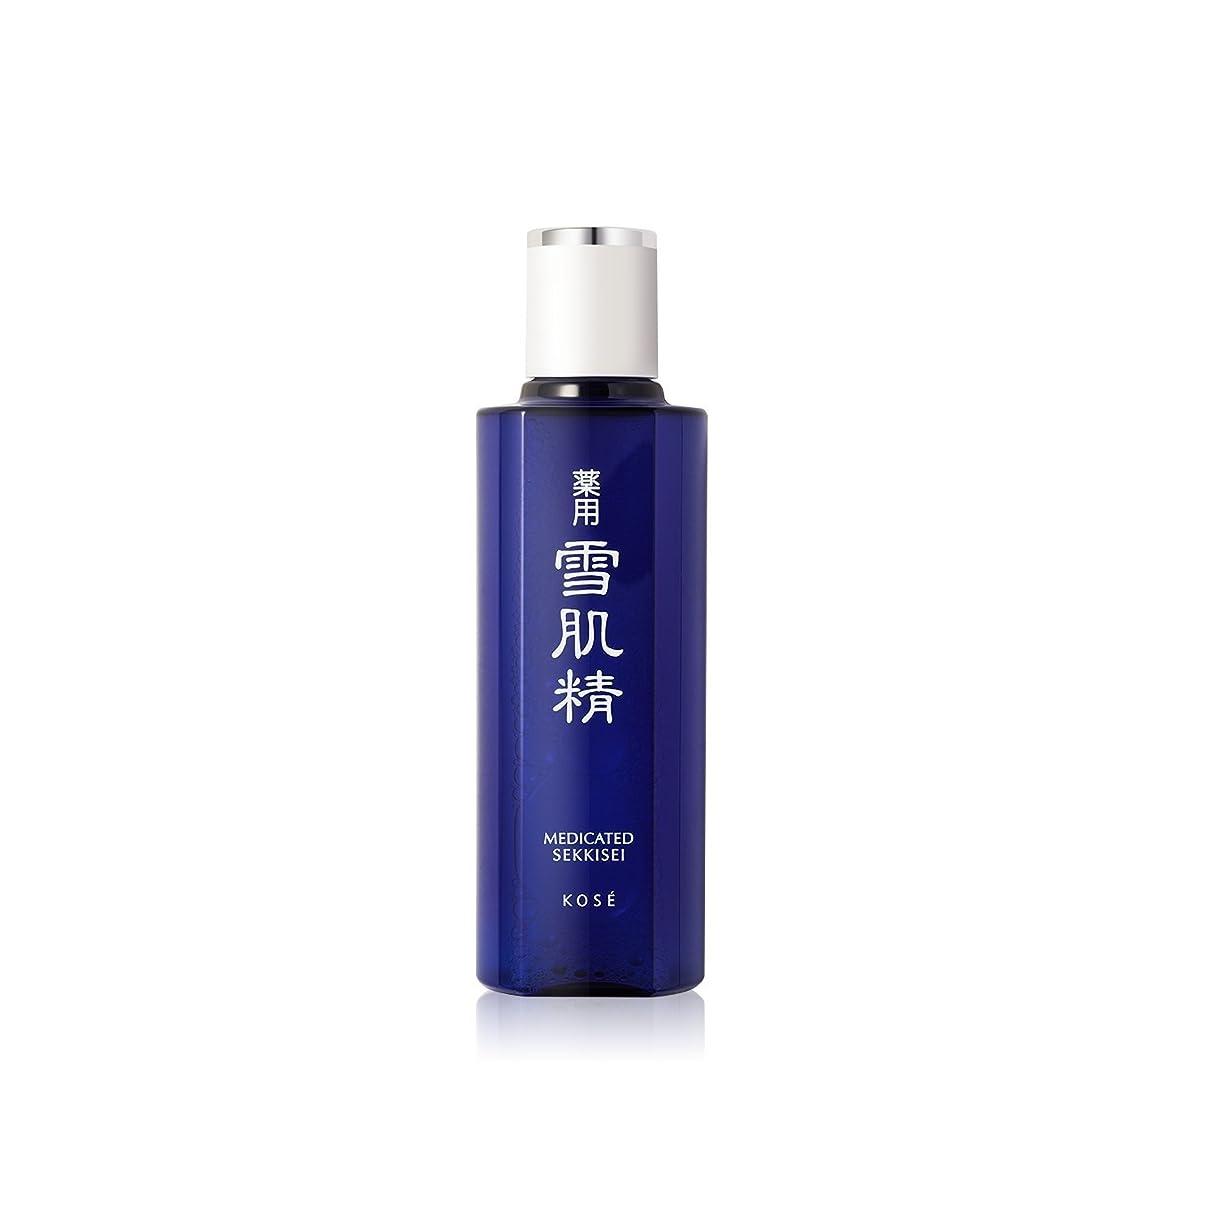 コジオスコサロンフォアタイプ雪肌精 化粧水 エンリッチ 200ml [医薬部外品]